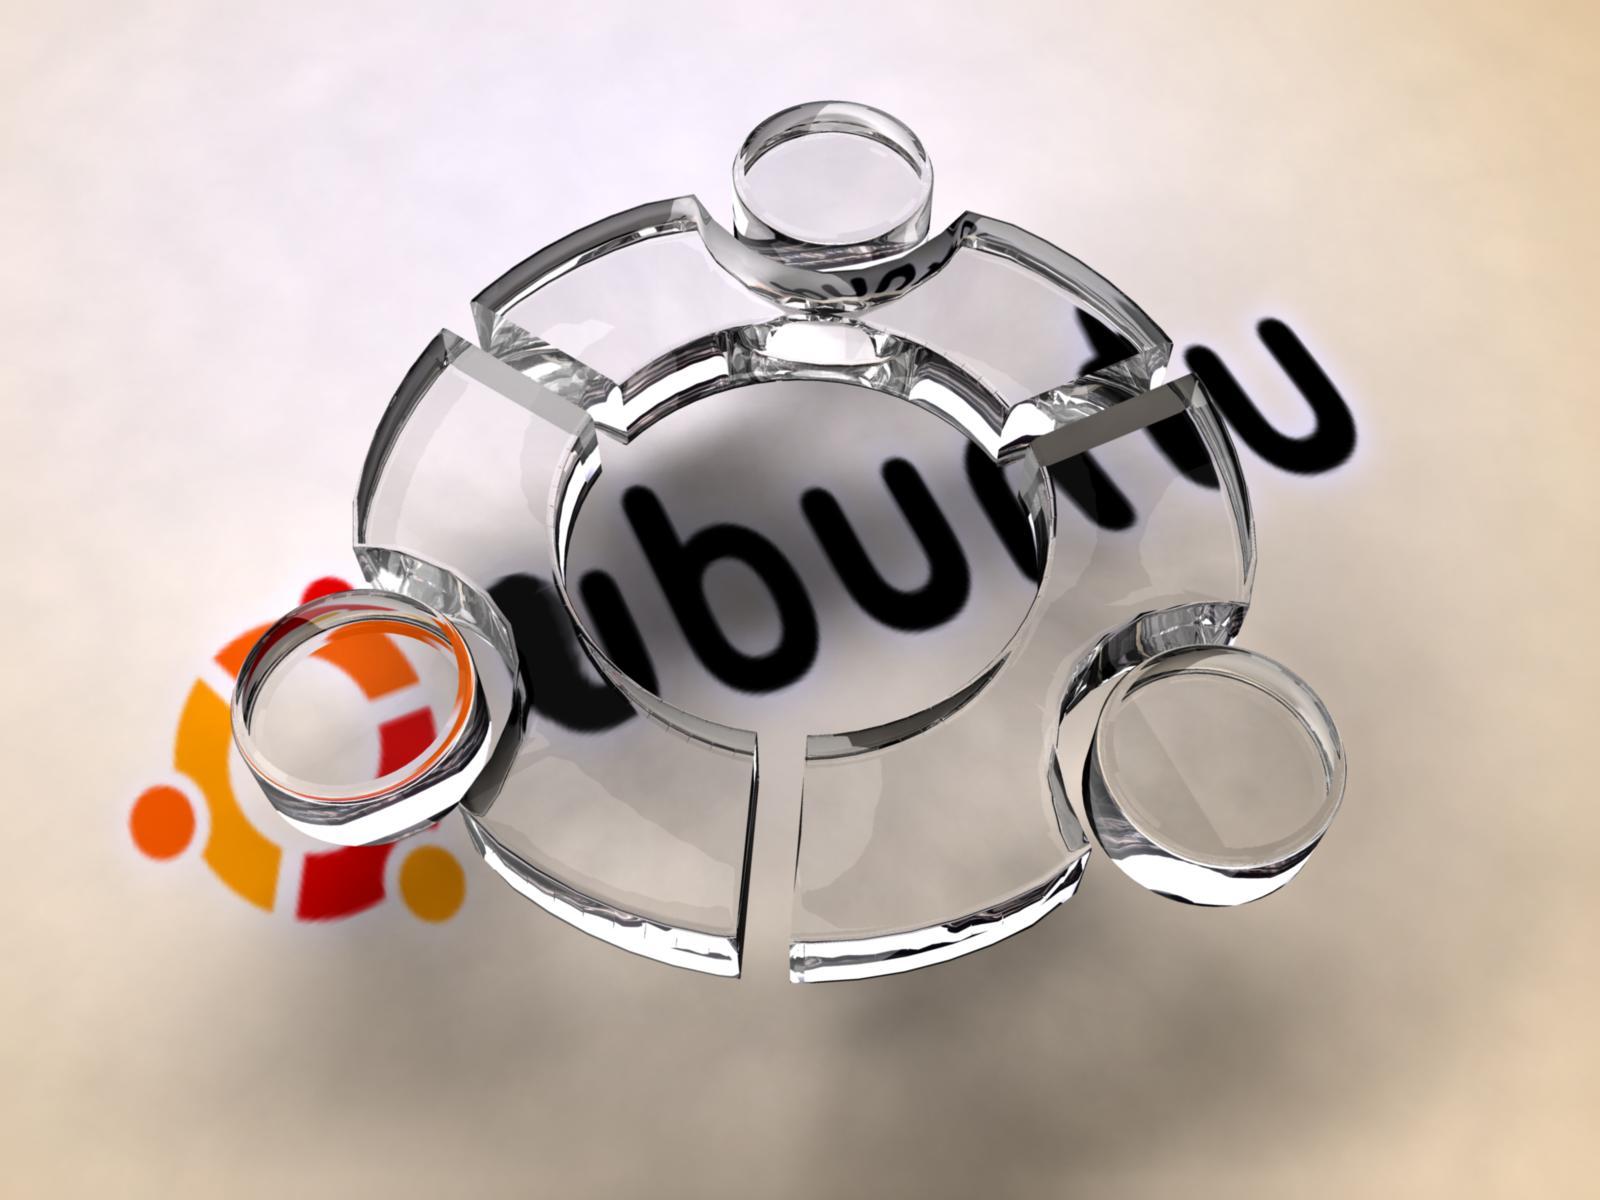 http://1.bp.blogspot.com/_XrWO8mEpDy0/TEJfOoK-IhI/AAAAAAAAAho/YXpxzXv9bAY/s1600/computer_0004.jpg